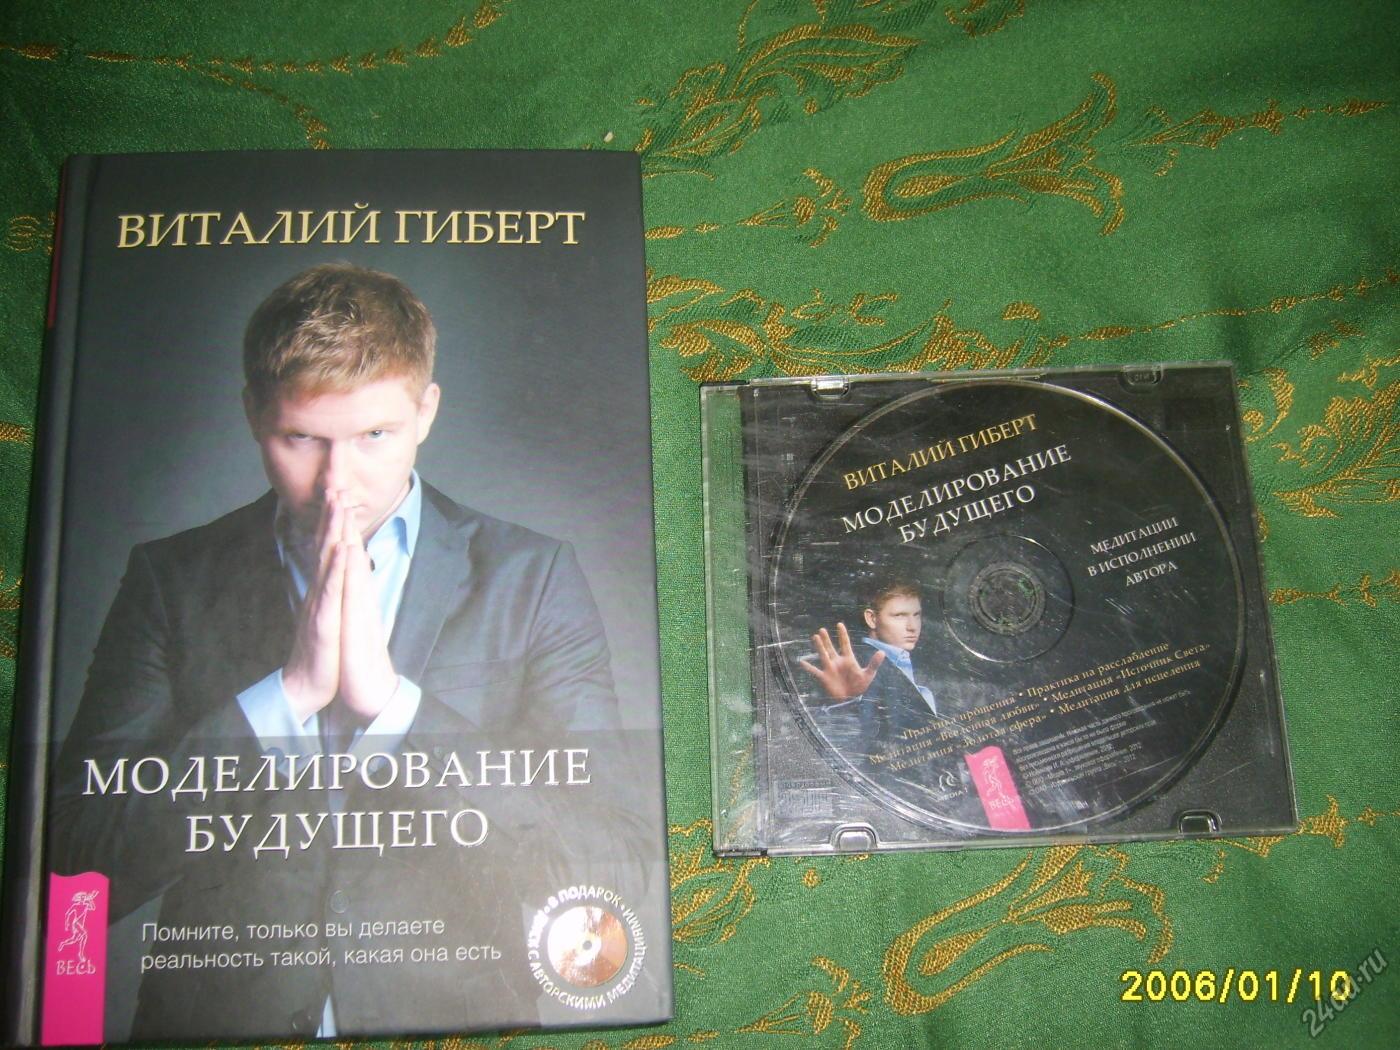 Будущее украины: предсказания экспертов, политологов, мольфаров и астрологов